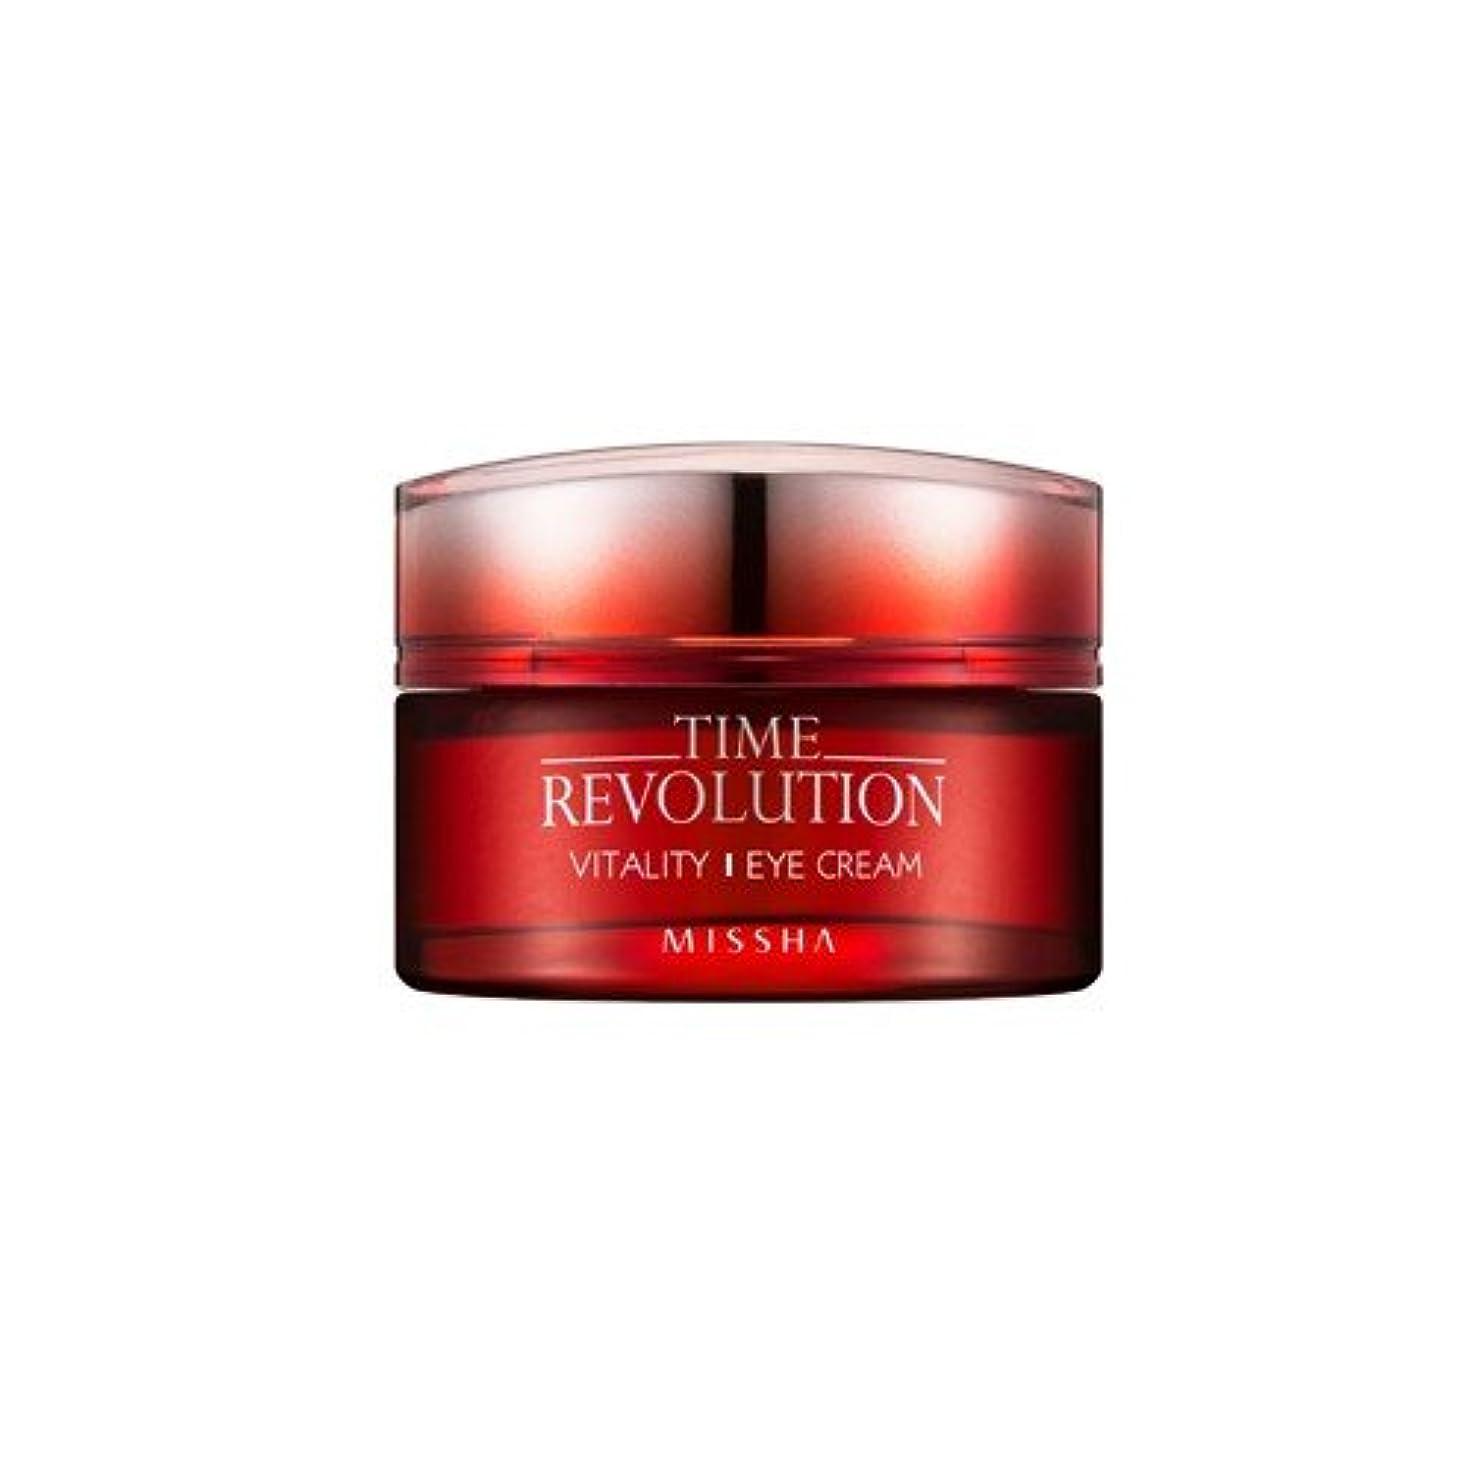 してはいけませんデータベースご予約MISSHA time revolution vitality eye cream (ミシャ タイムレボリューション バイタリティー アイクリーム)25ml